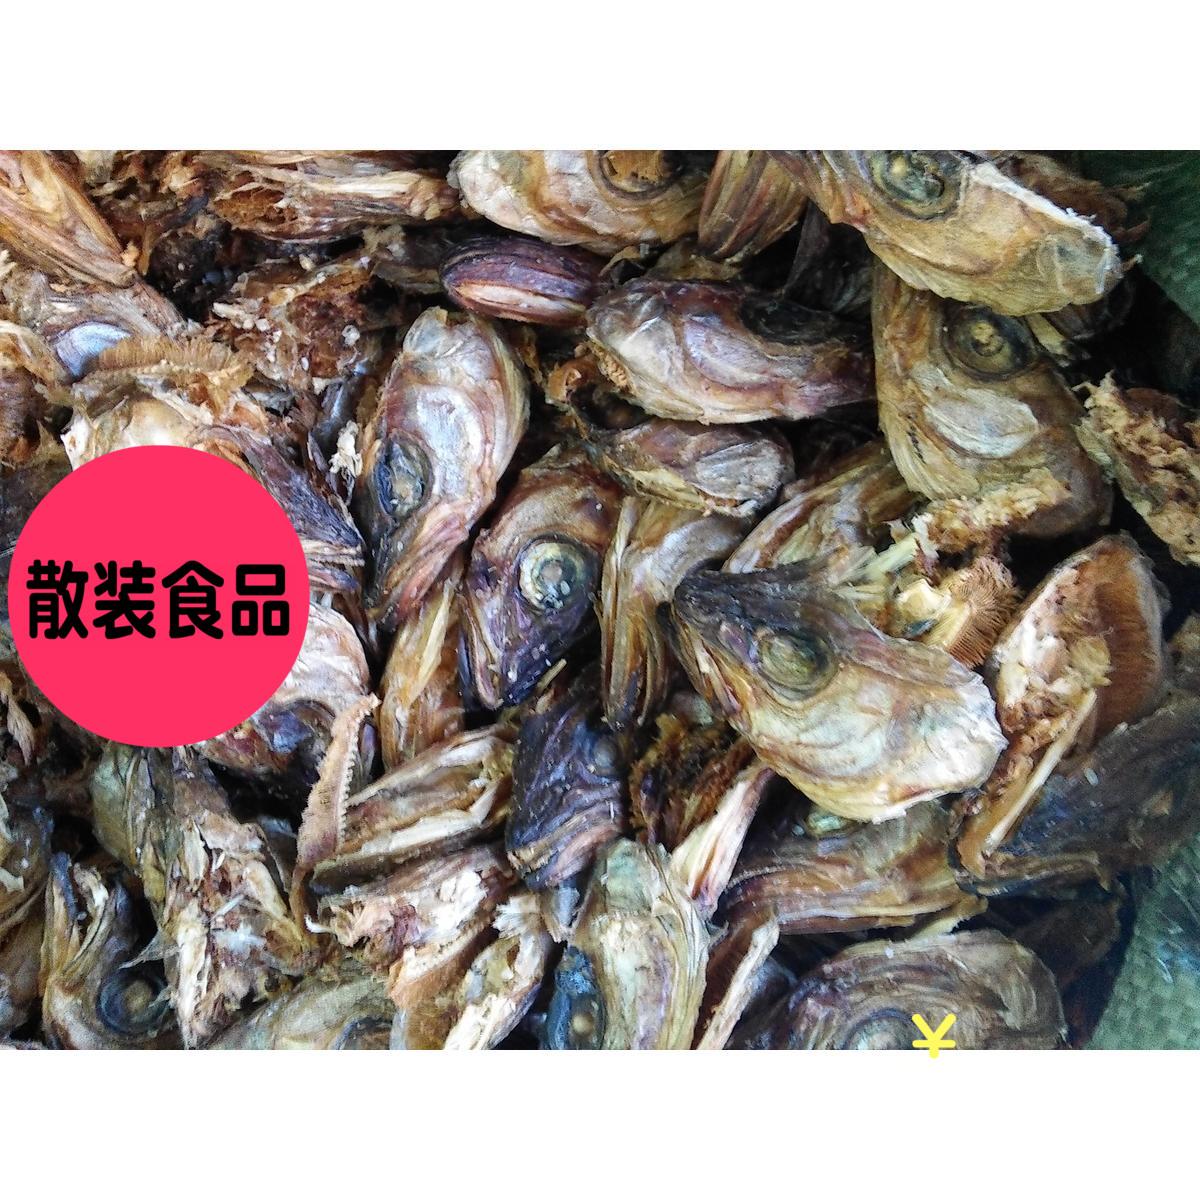 3斤包邮 北朝鲜明太鱼头 散装食品 干明太鱼头 做汤用500g 饭店用